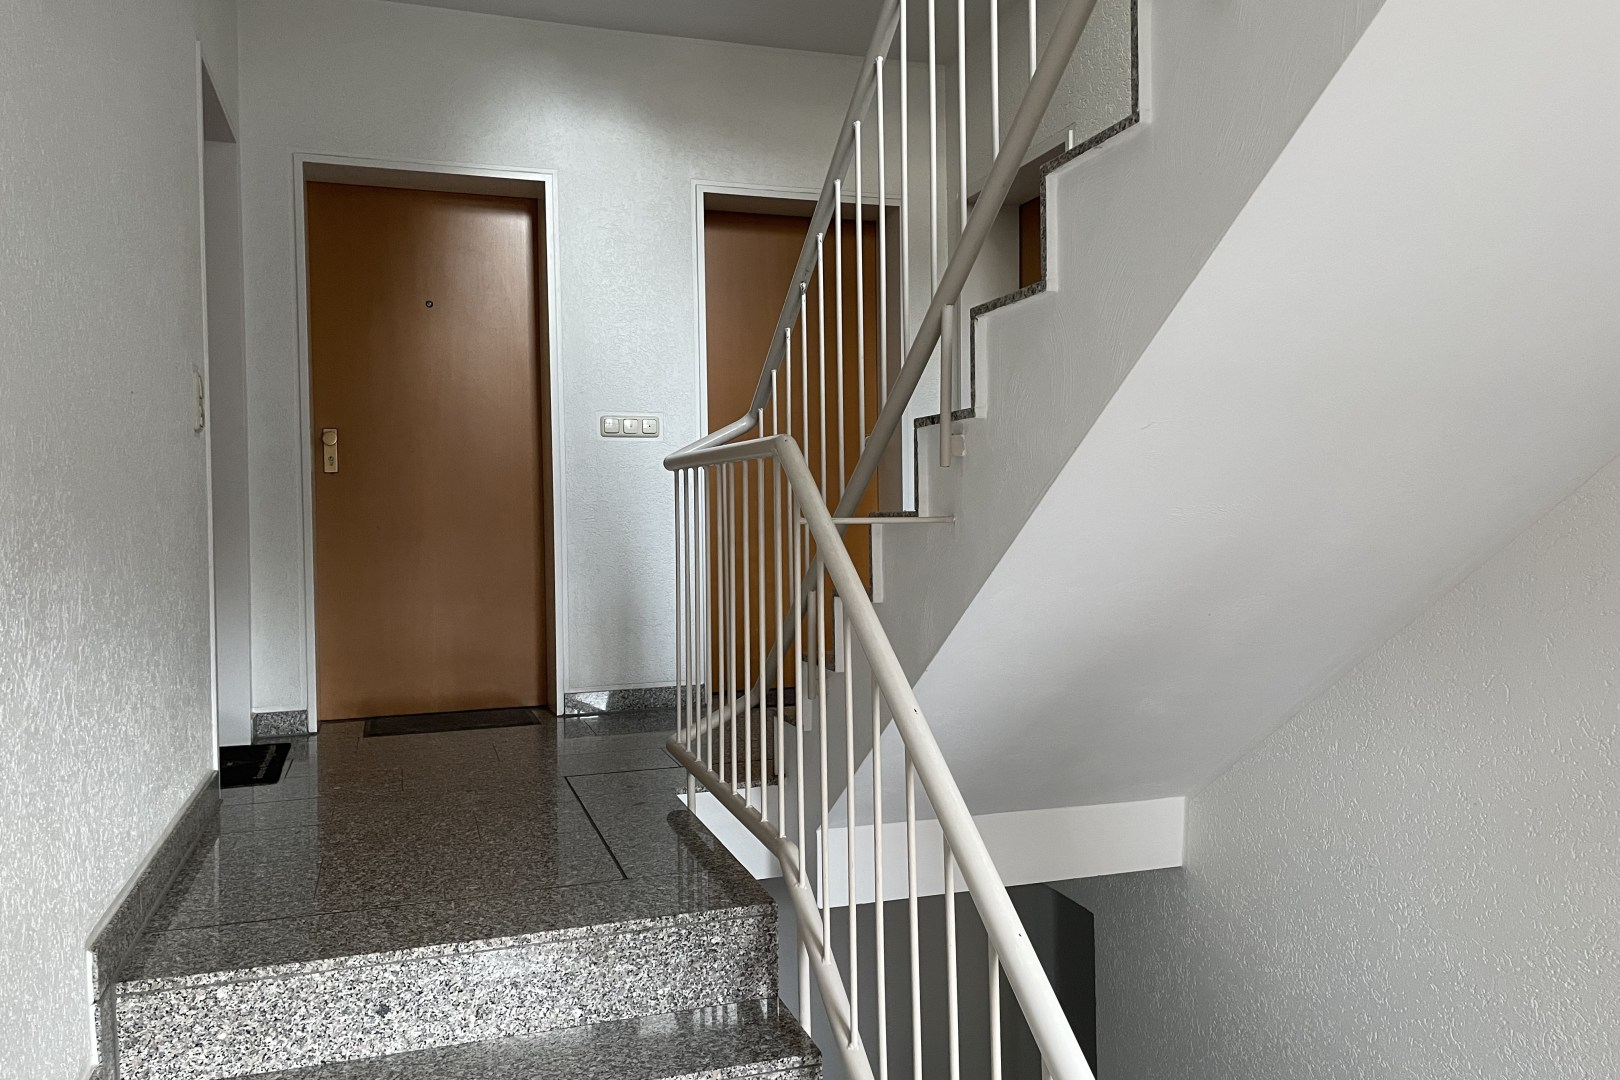 Immobilie Nr.0258 - 2-Zimmerwohnung  - Bild 2.jpg